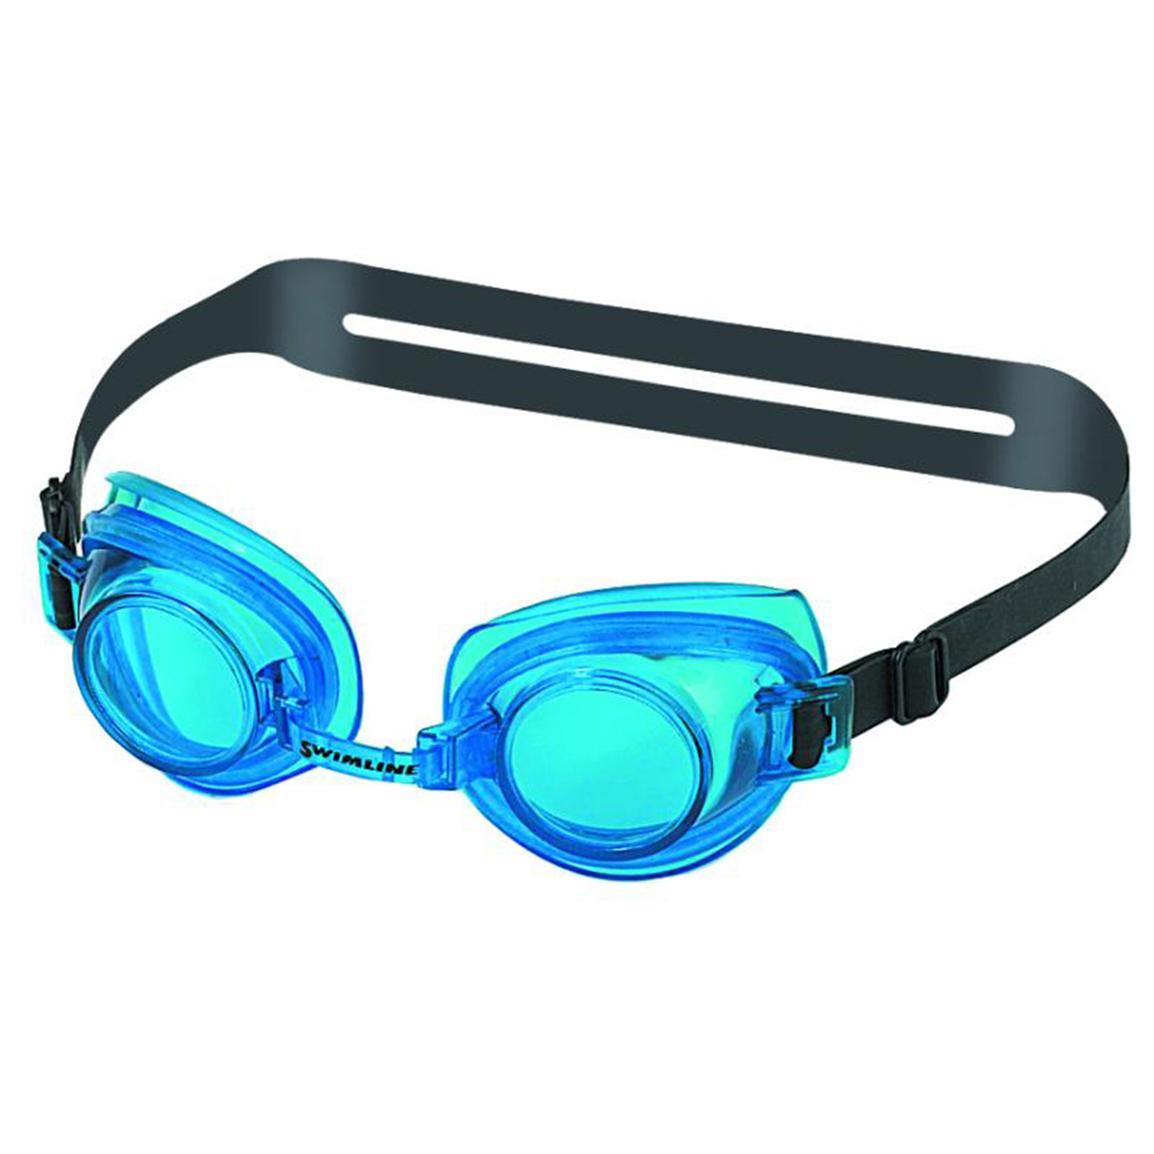 goggle clipart-goggle clipart-1